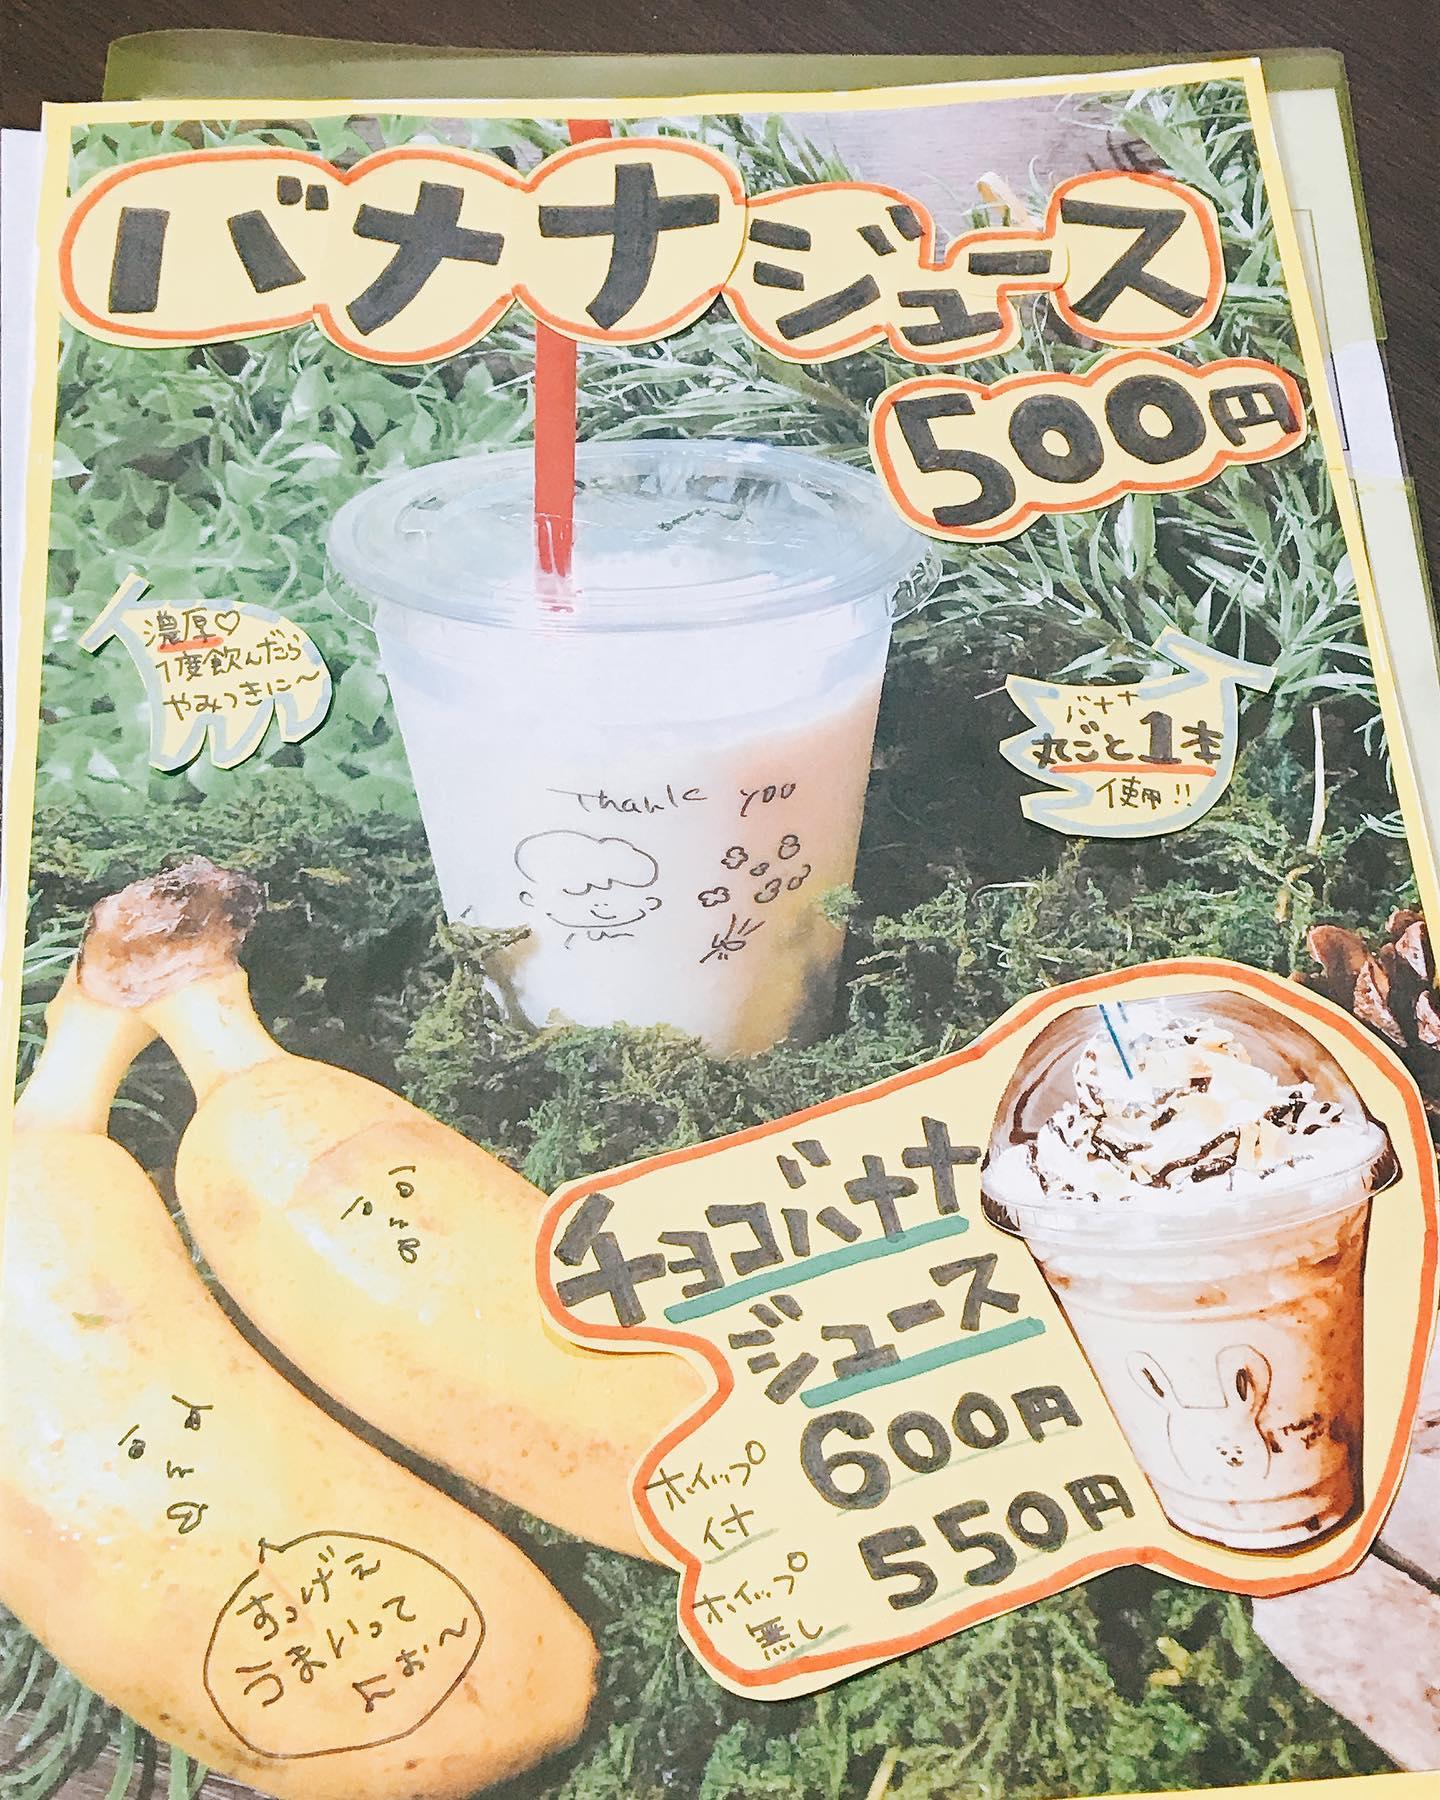 バナナジュース とっても美味しい(//∇//)